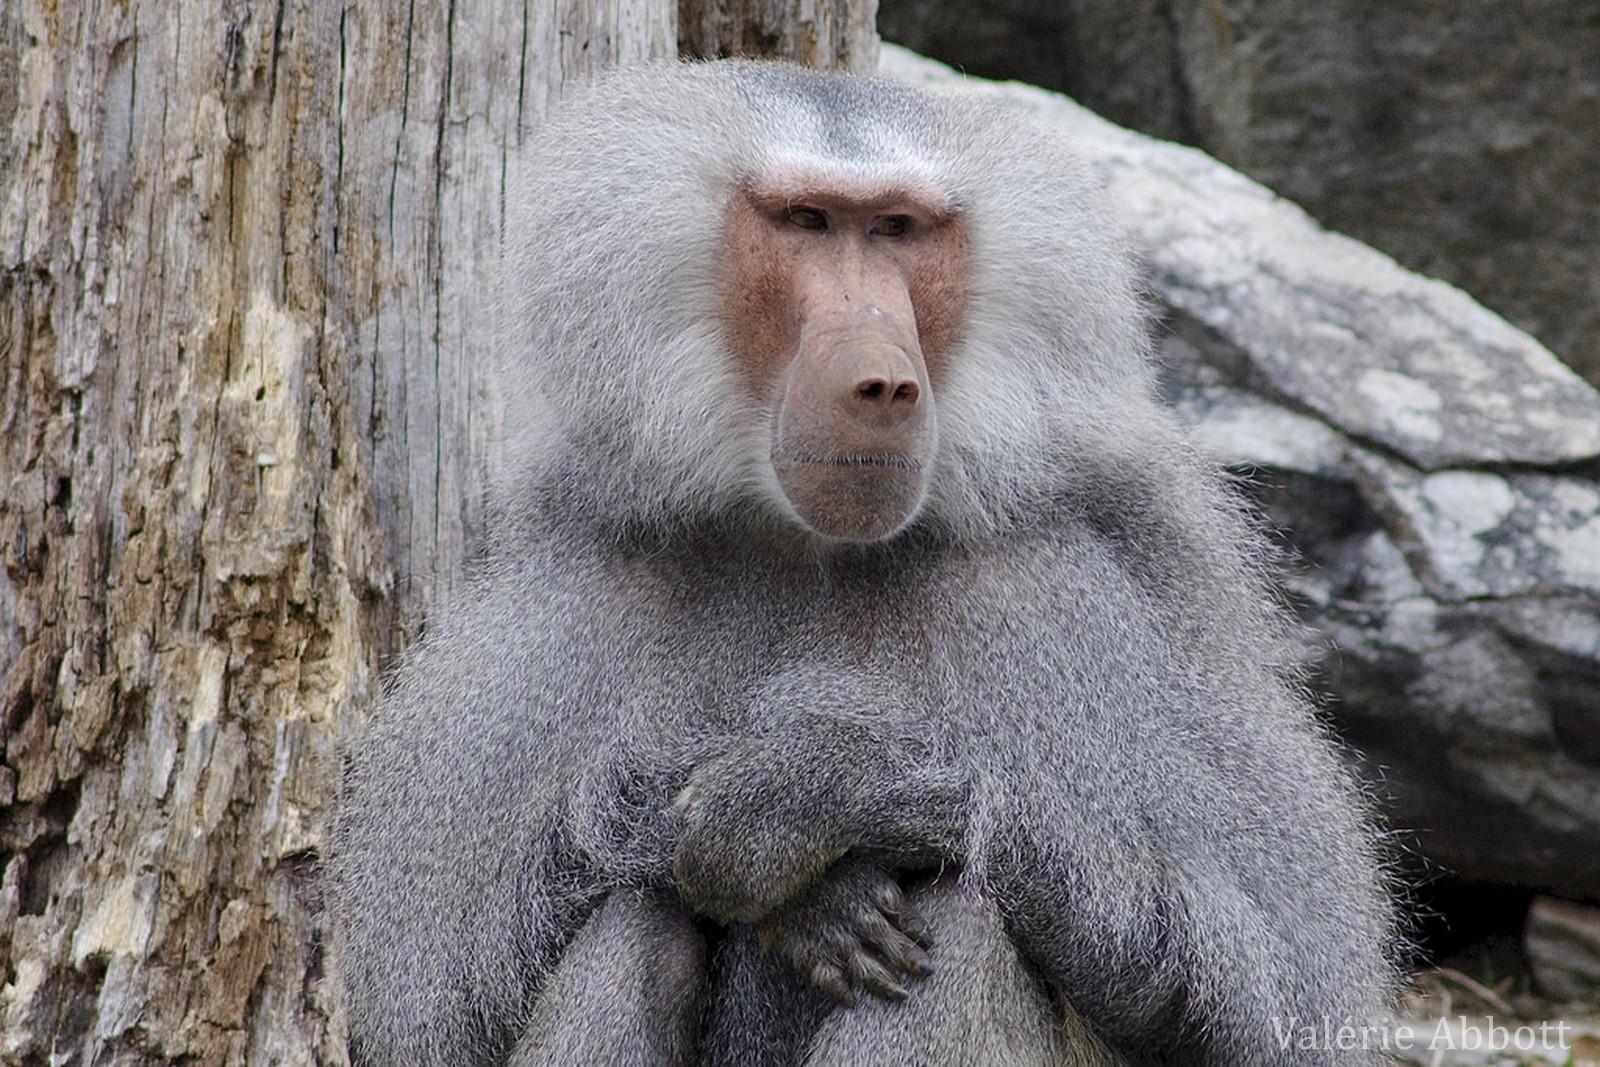 L'hamadryas, ce singe sacré au pelage argenté !